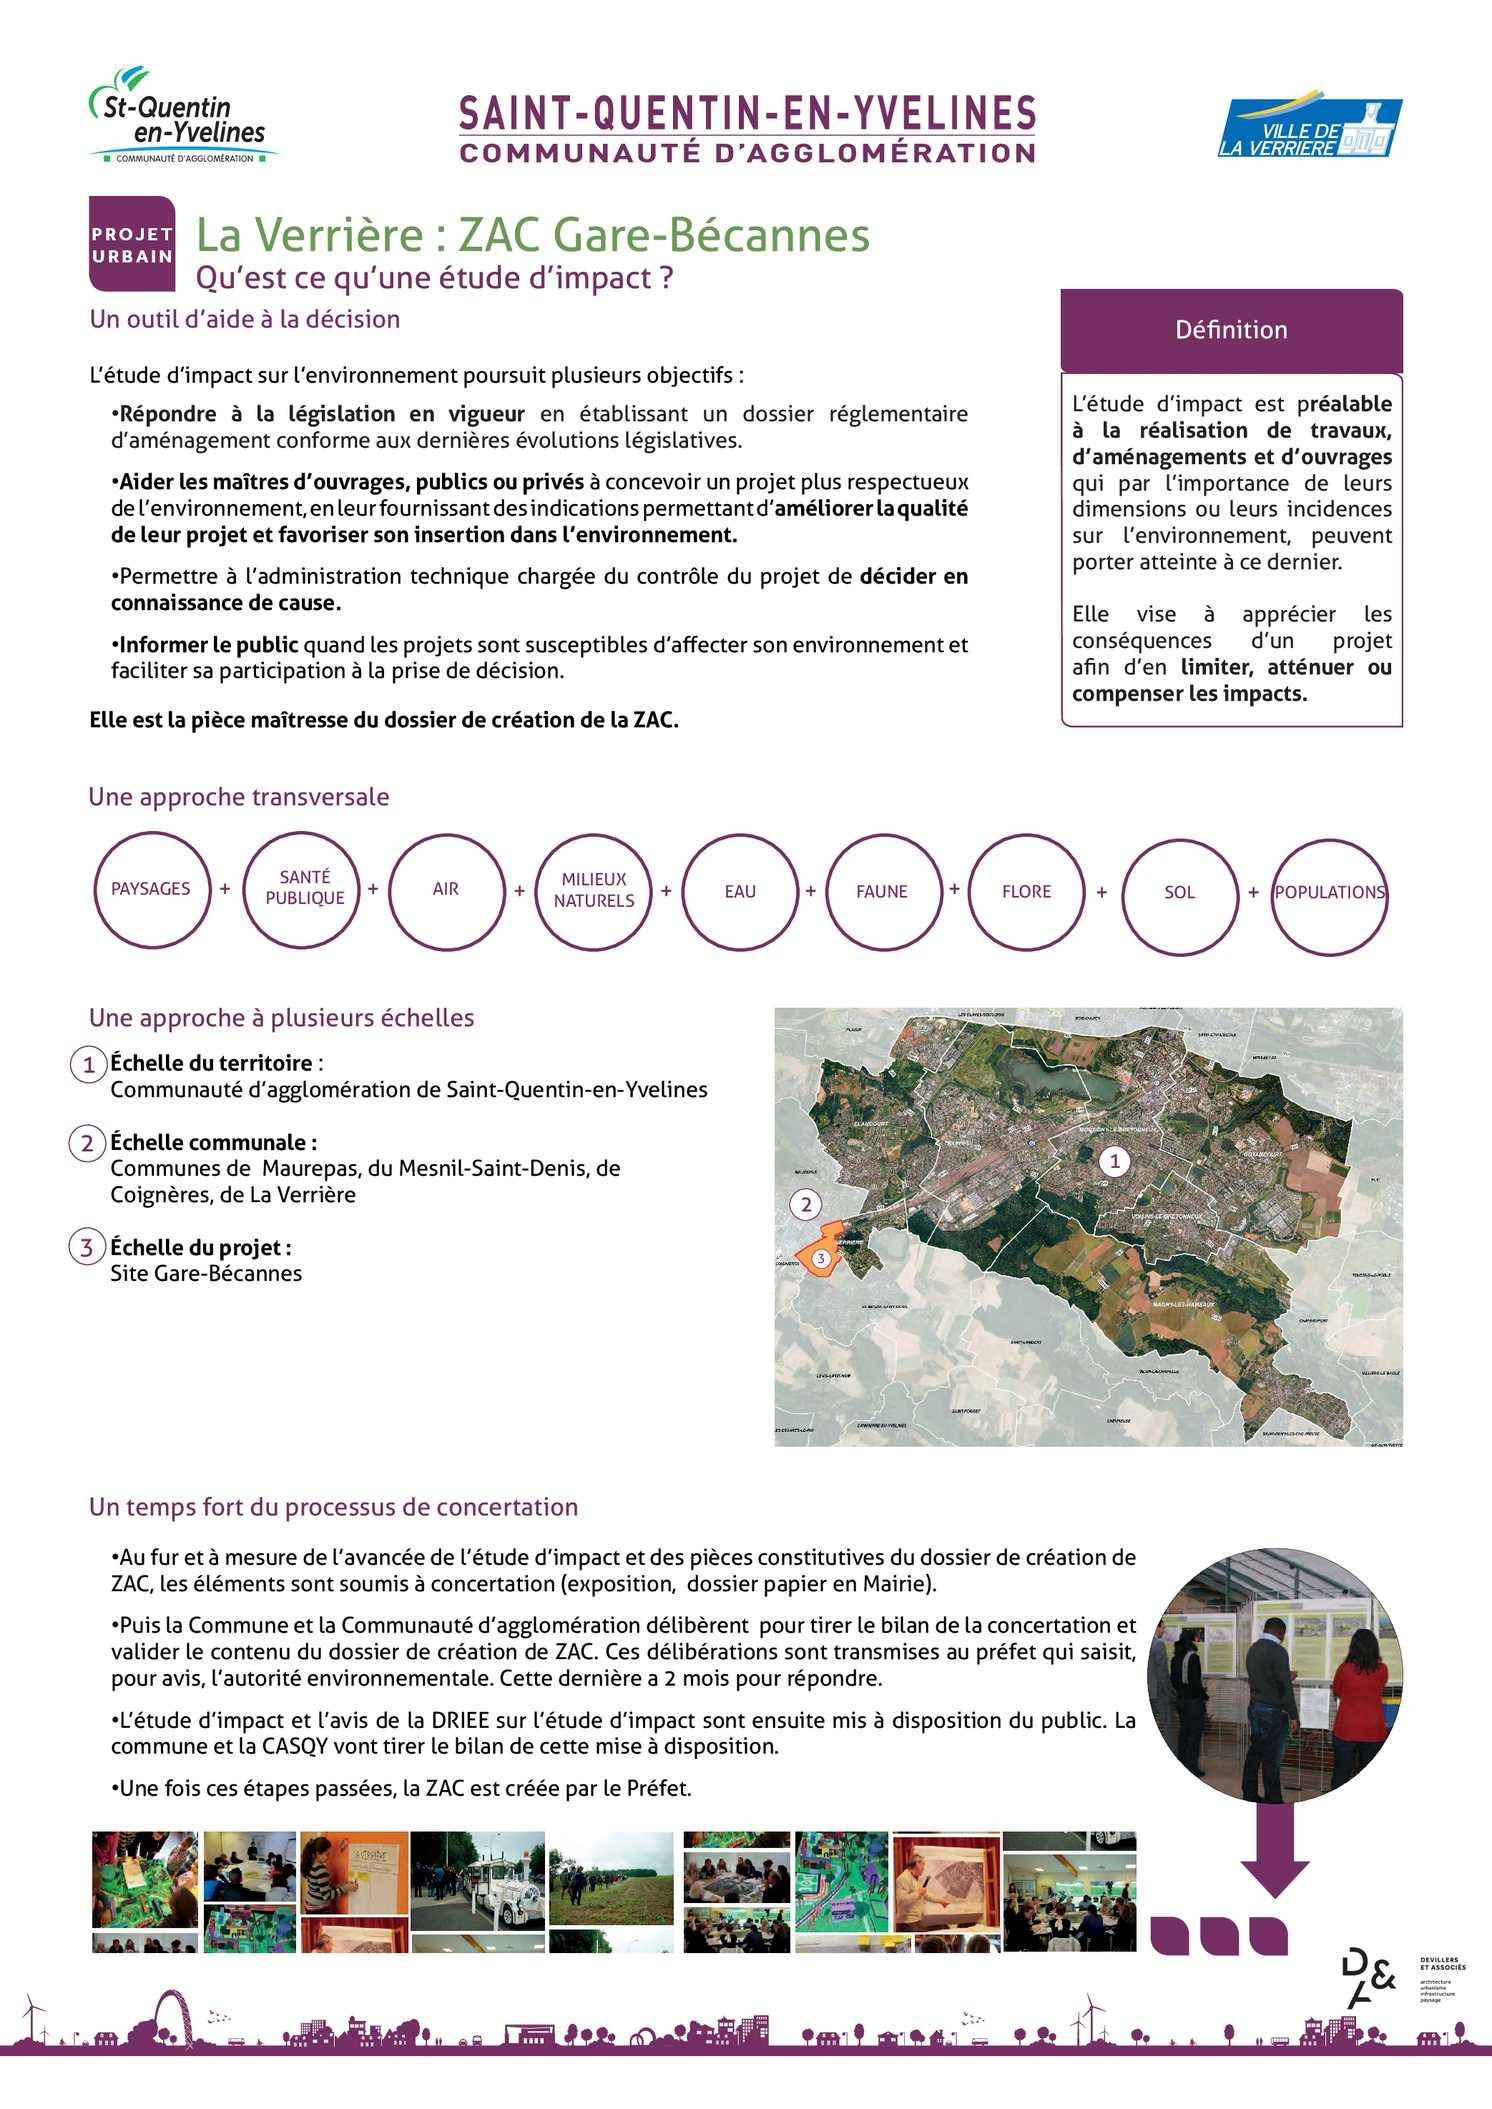 Panneaux d'exposition de l'étude d'impact du projet La Verrière - ZAC Gare-Bécannes